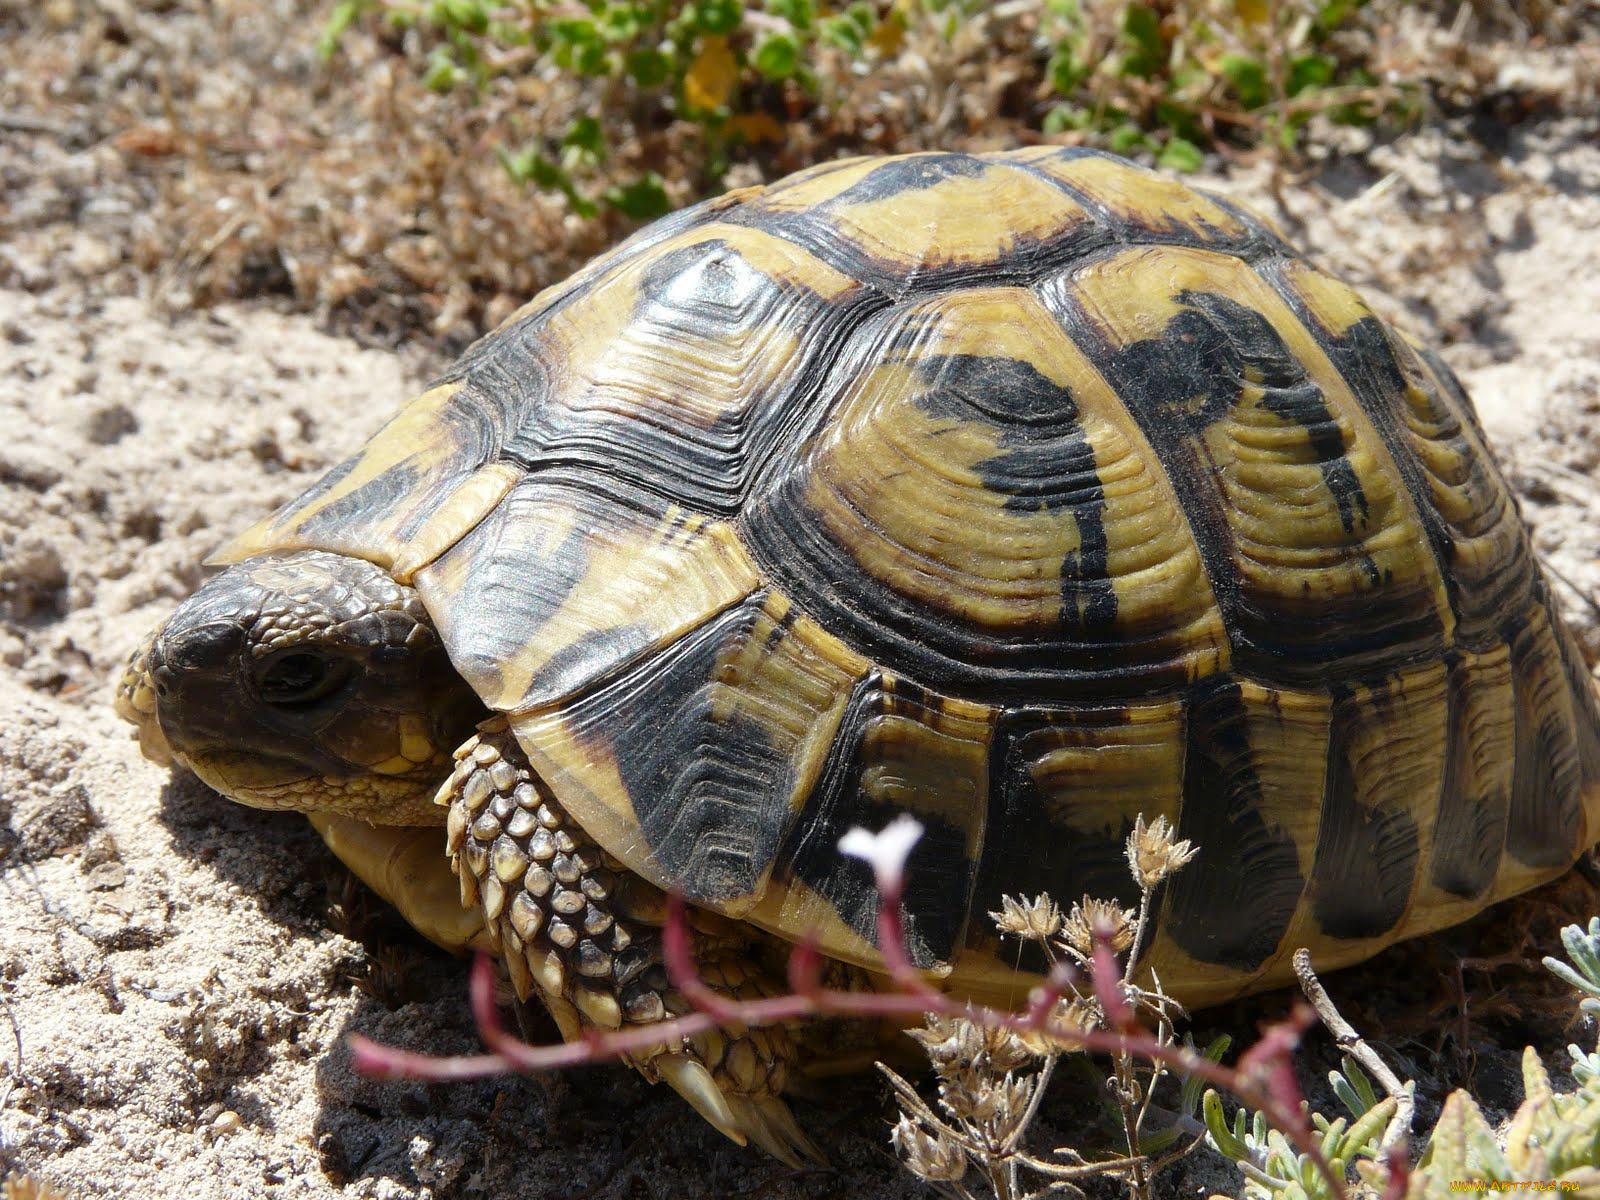 картинки среднеазиатских черепах и только сможете прокатиться